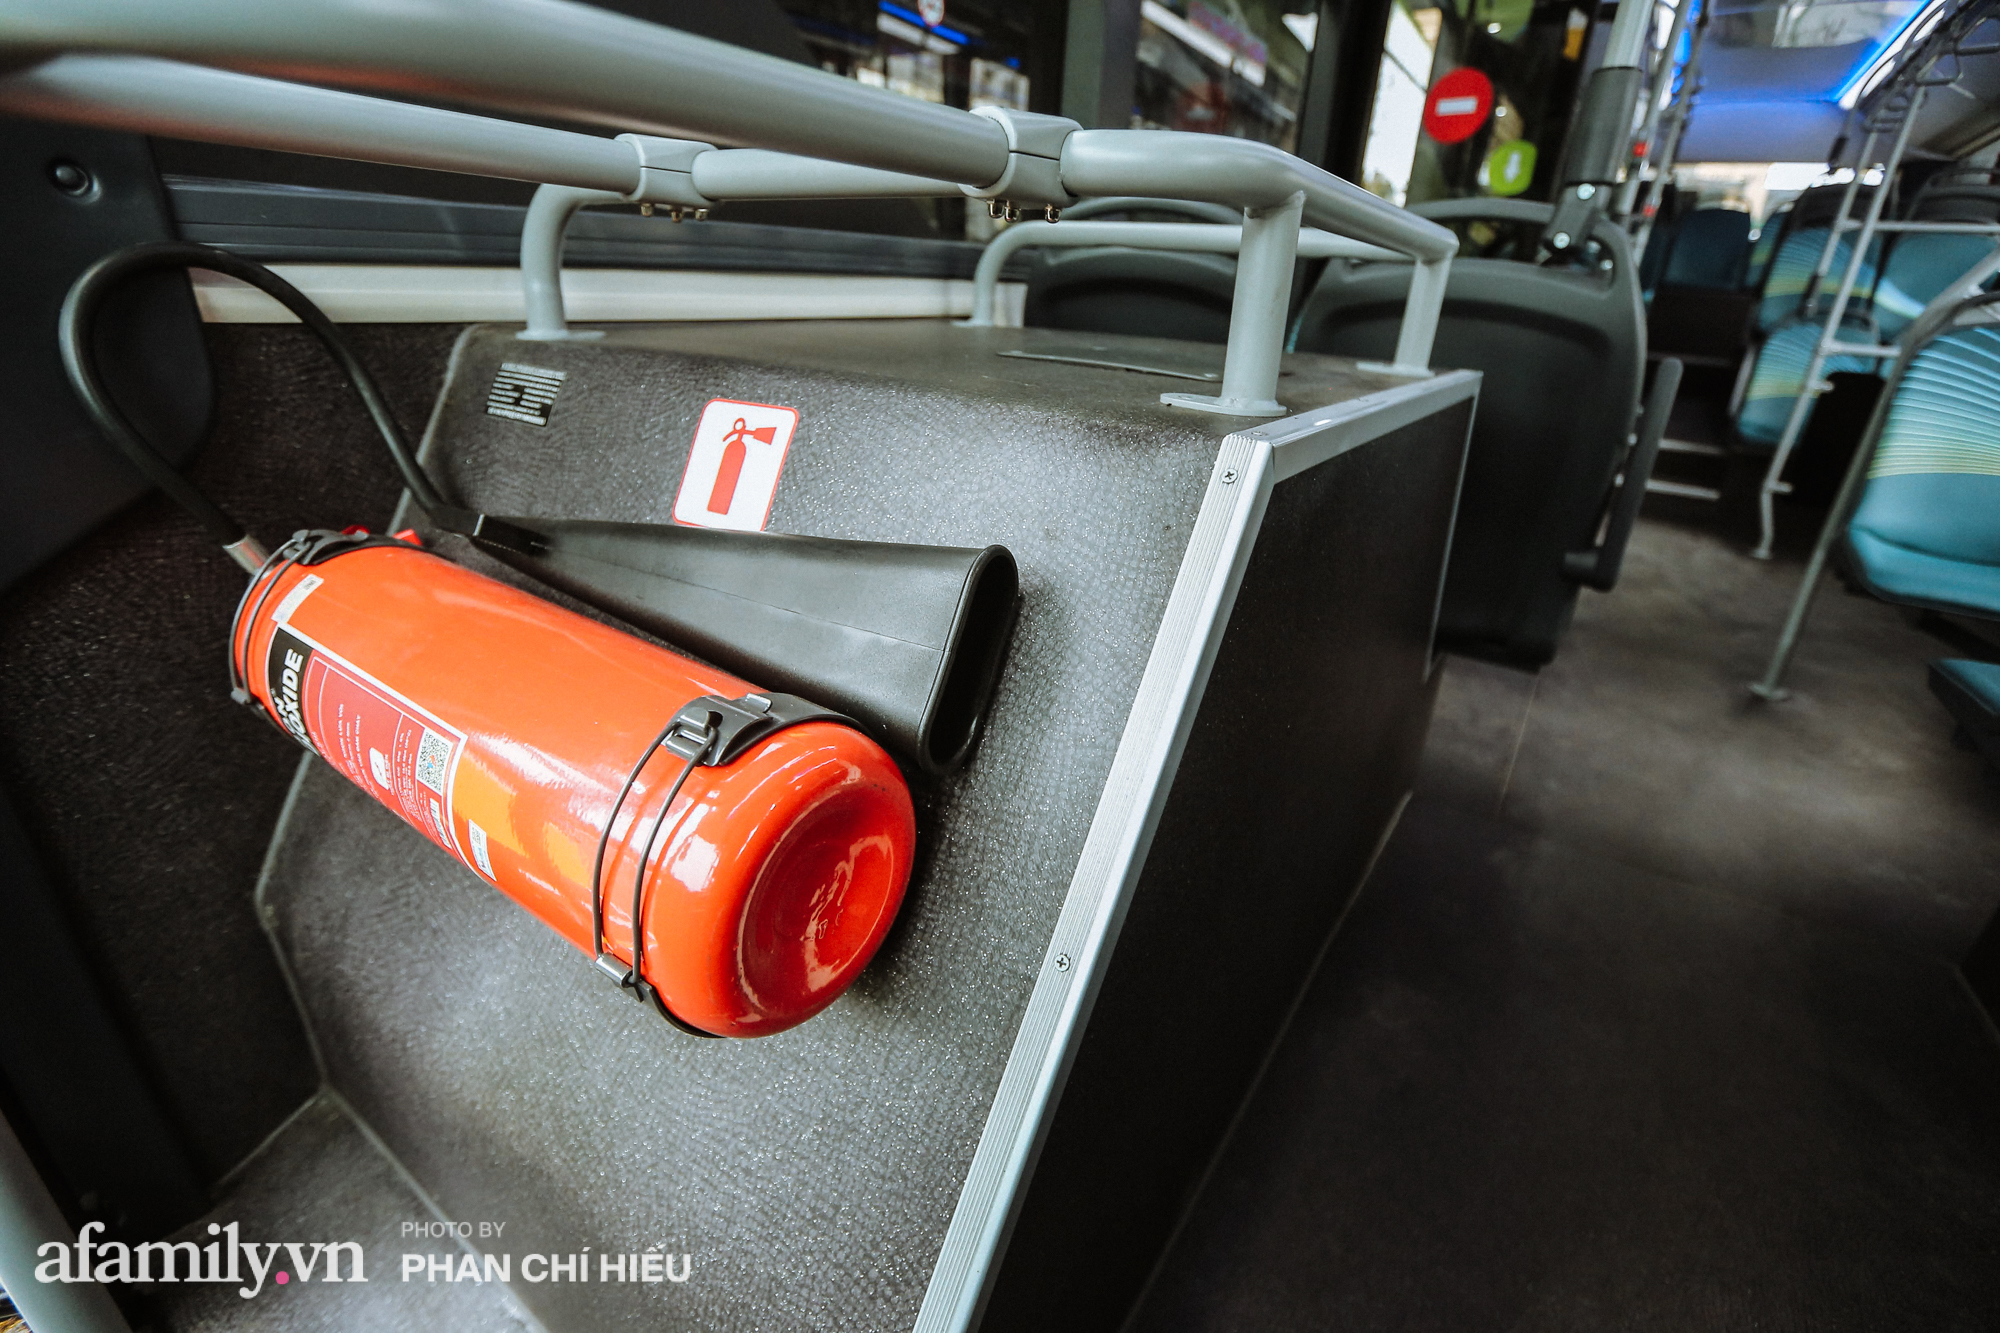 Khám phá tuyến xe buýt điện đầu tiên tại Hà Nội, sử dụng nguồn năng lượng vô tận từ năng lượng mặt trời, xe đủ thử trang bị tiện ích chẳng kém gì những chiếc xế hộp xịn xò - Ảnh 7.